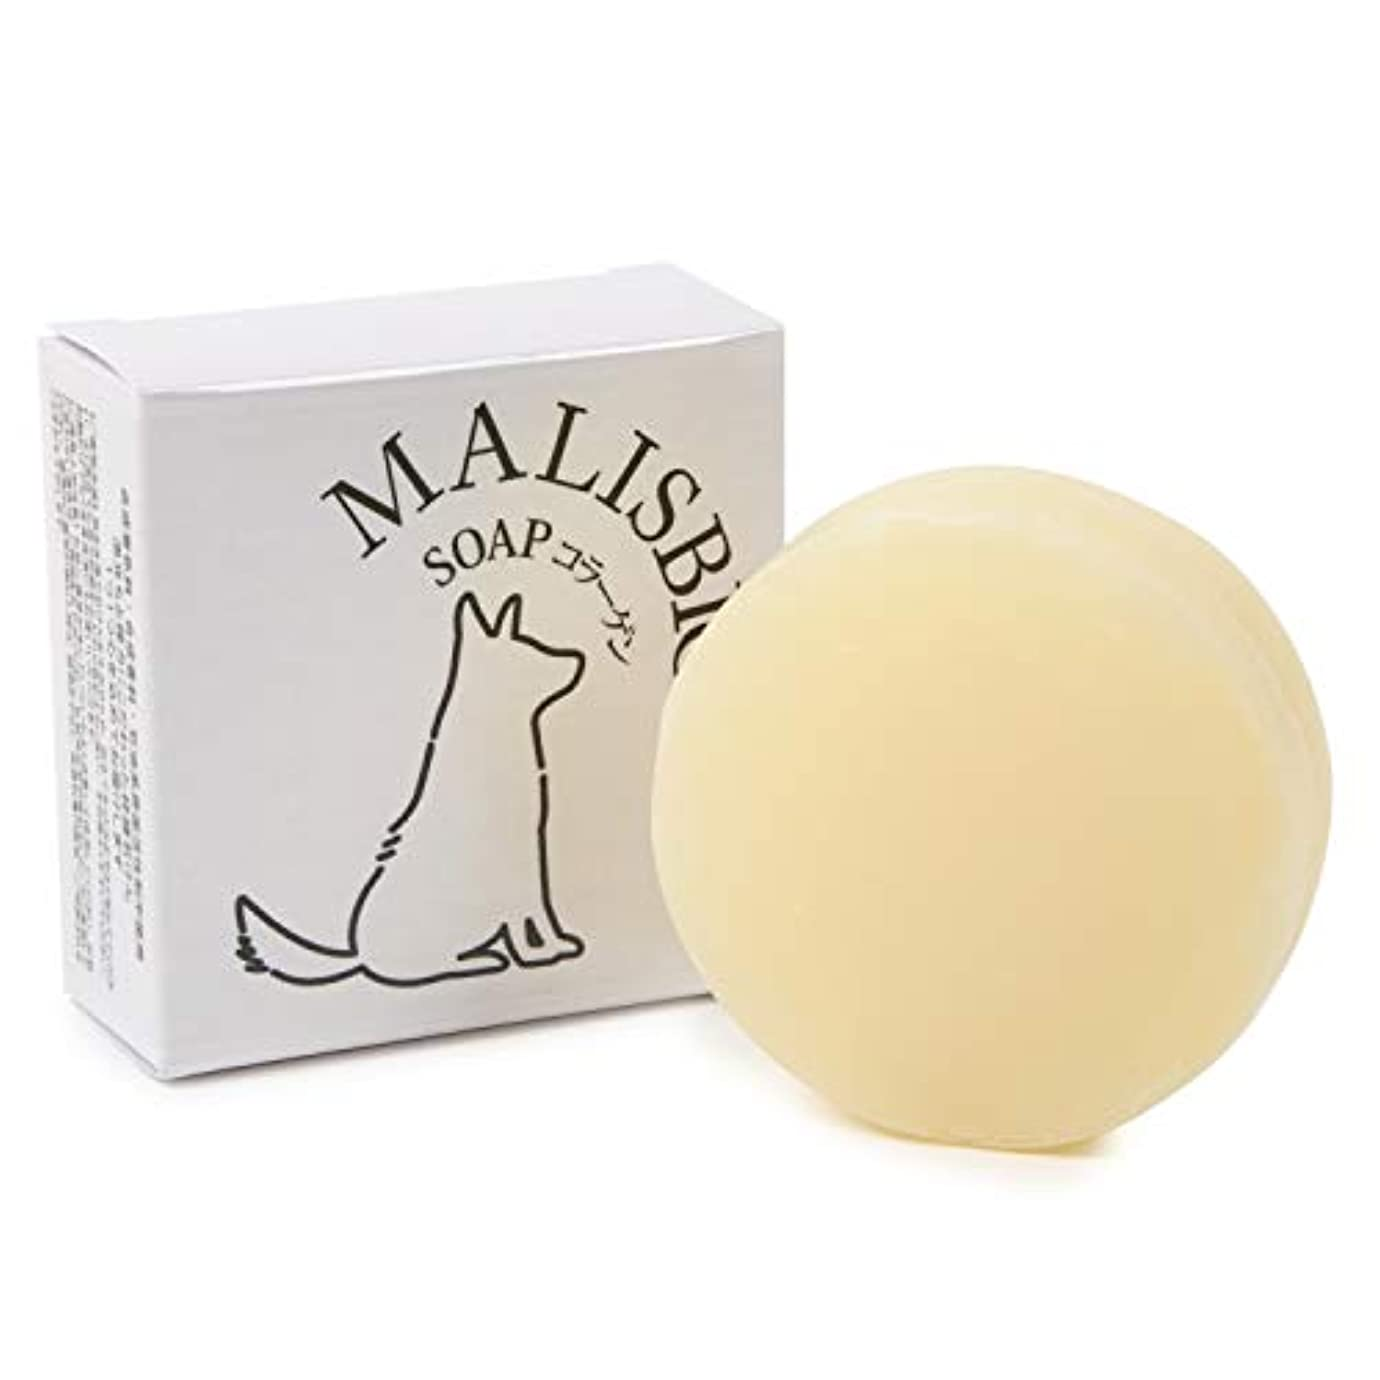 小康フレキシブルアサーコラーゲンソープ 洗顔石鹸 固形 無添加 お肌に優しい成分のみ 敏感肌 毛穴にも 日本製 マリスビオ